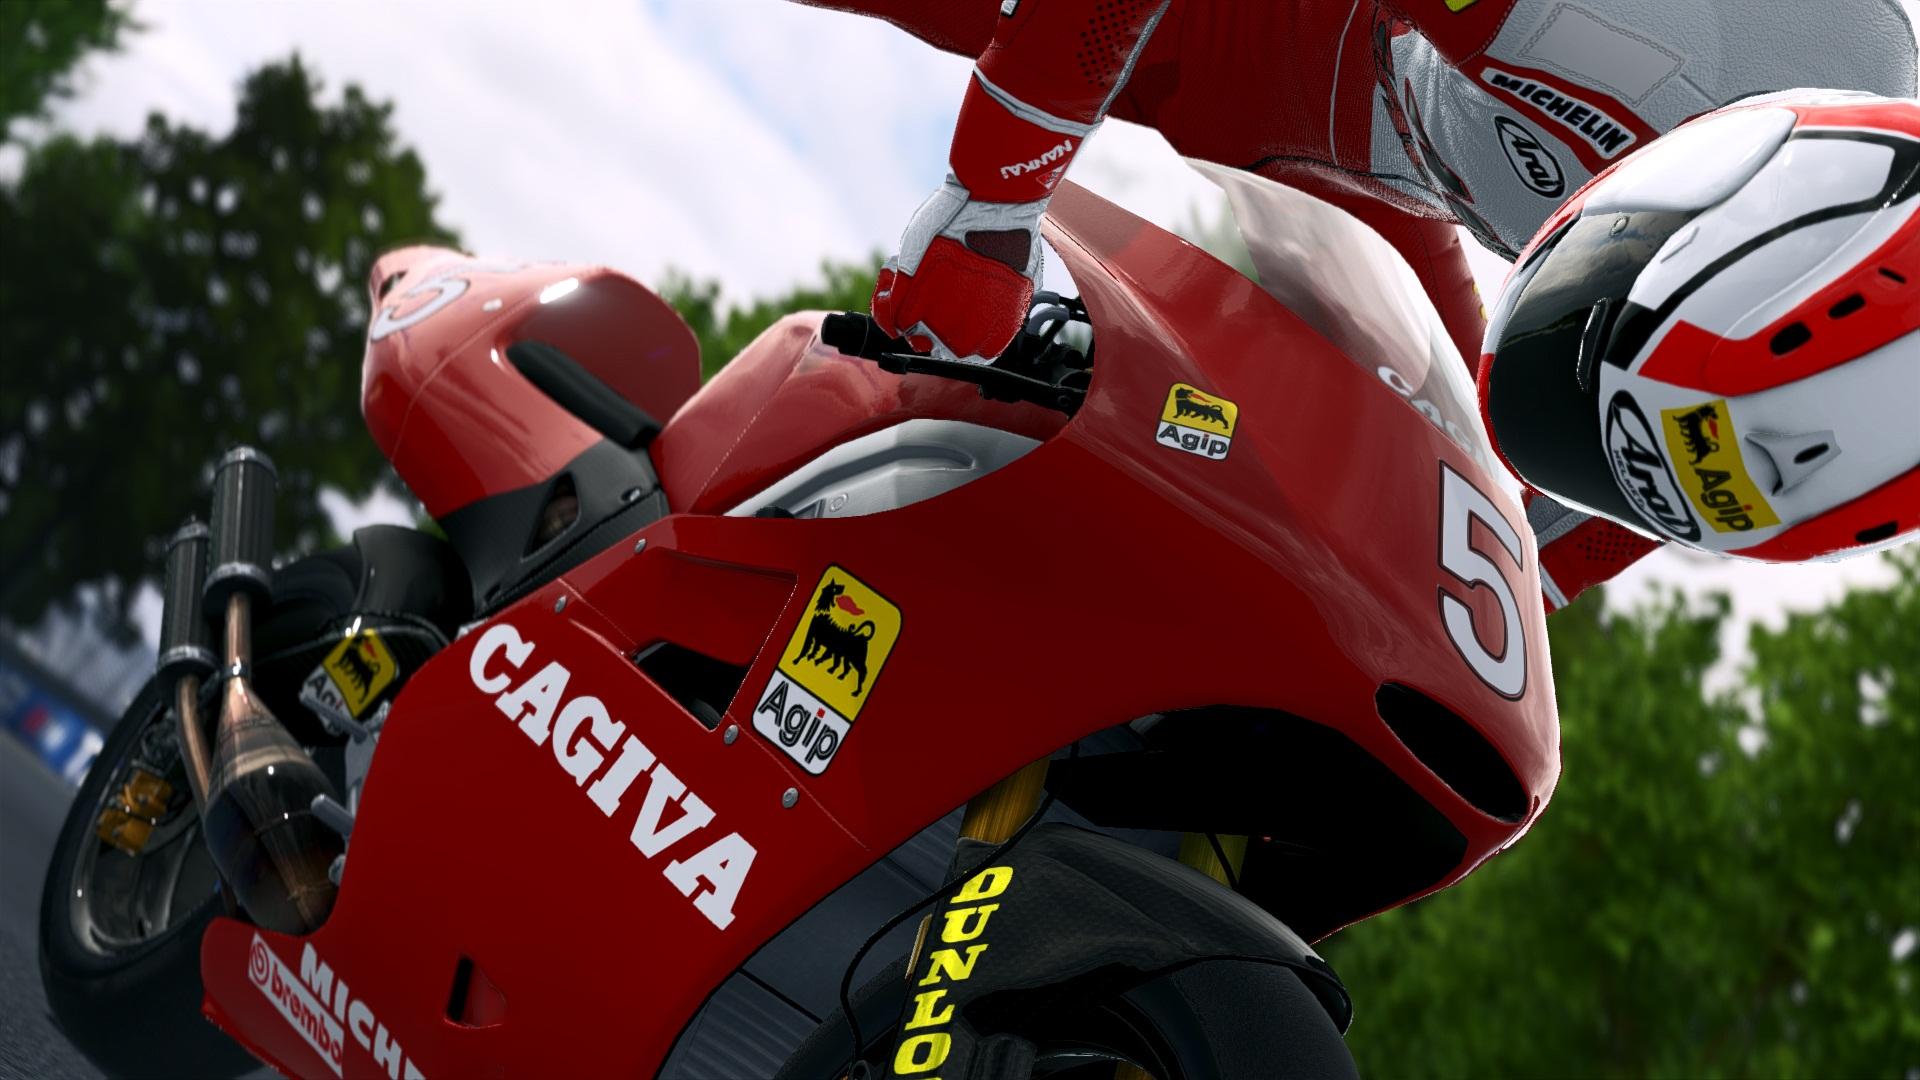 MotoGP14X64.exe_DX11_20140728_214259.jpg